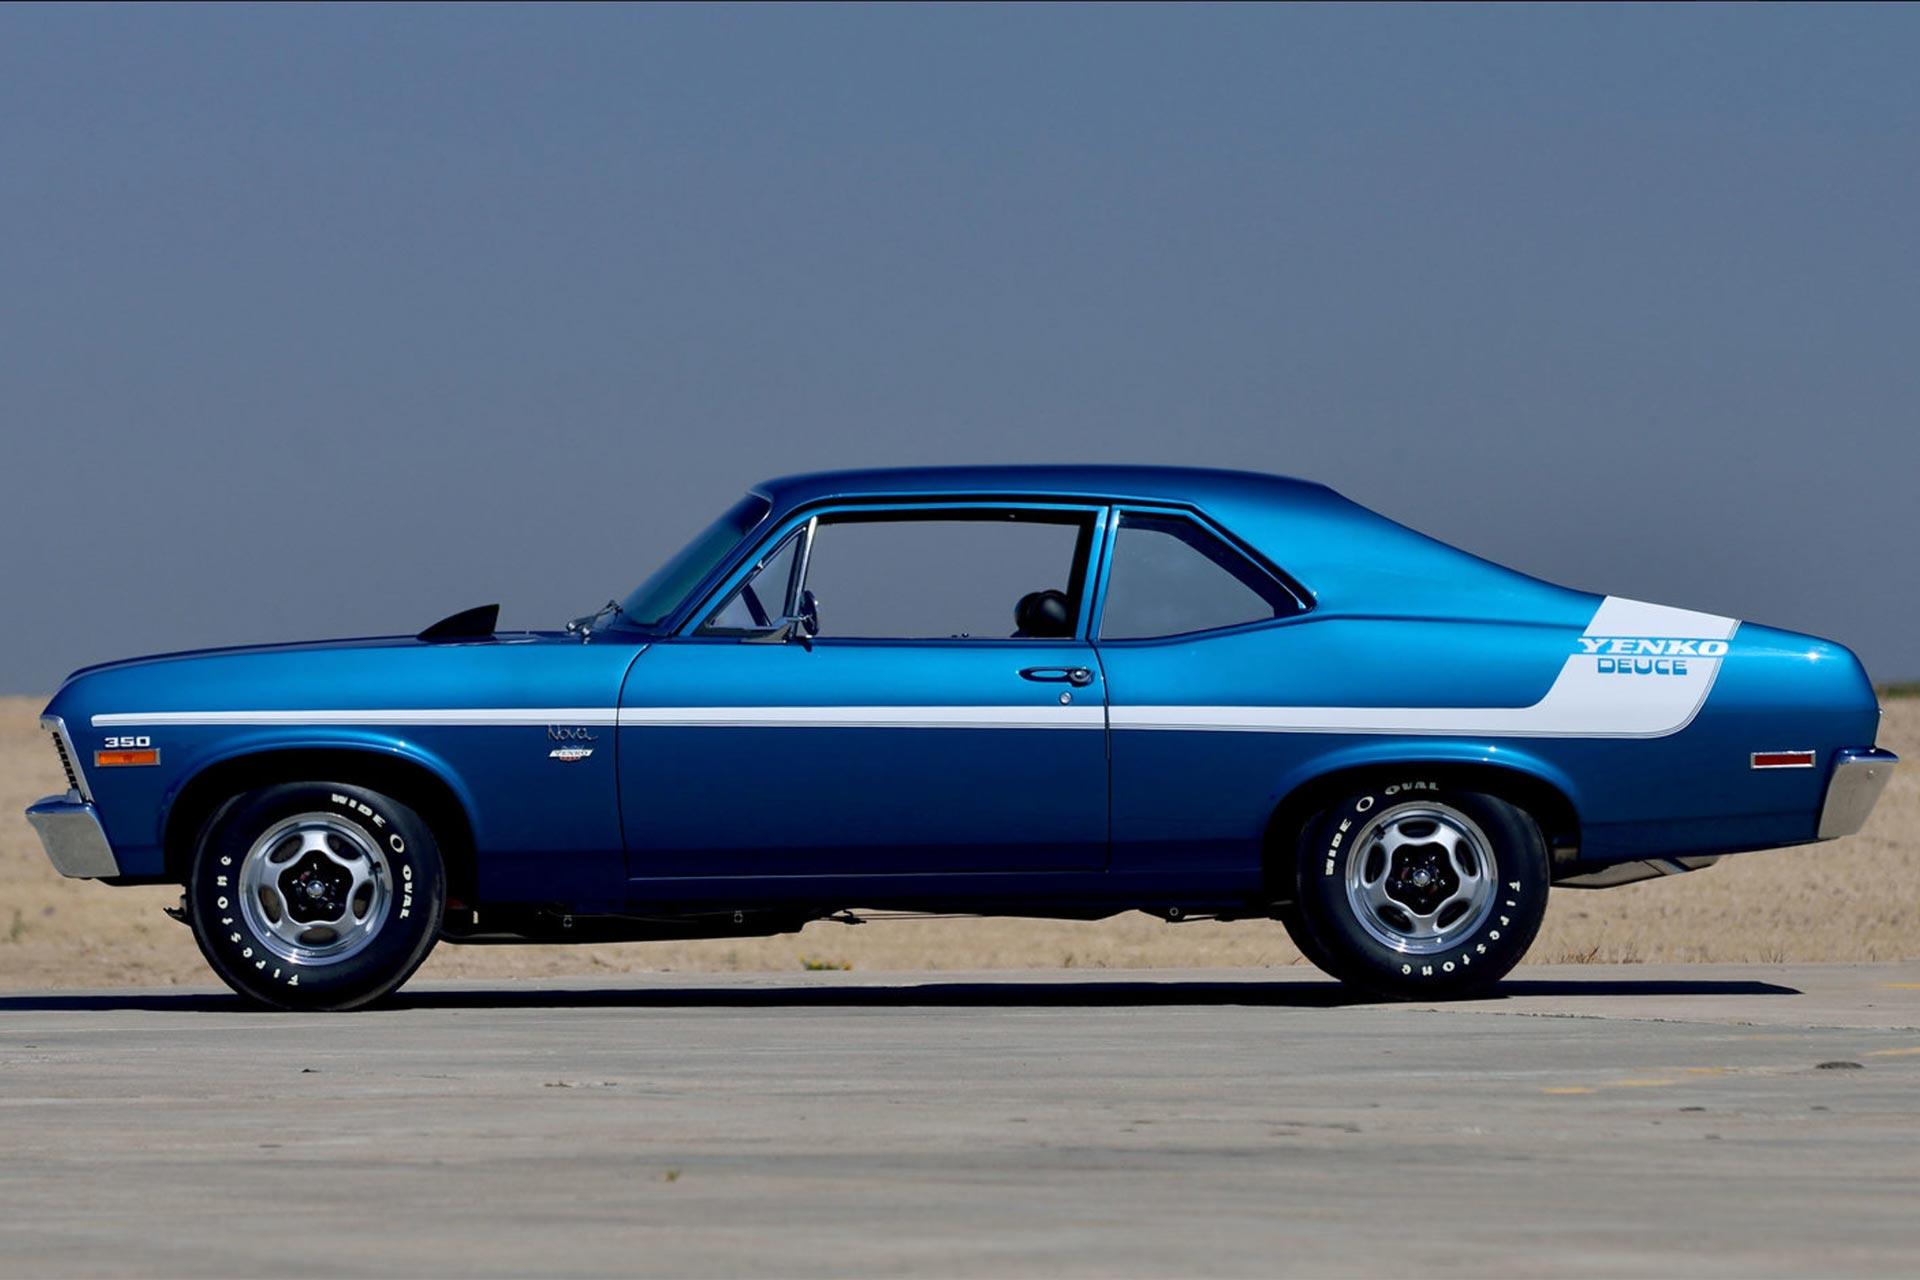 1970 Yenko Deuce Nova parked